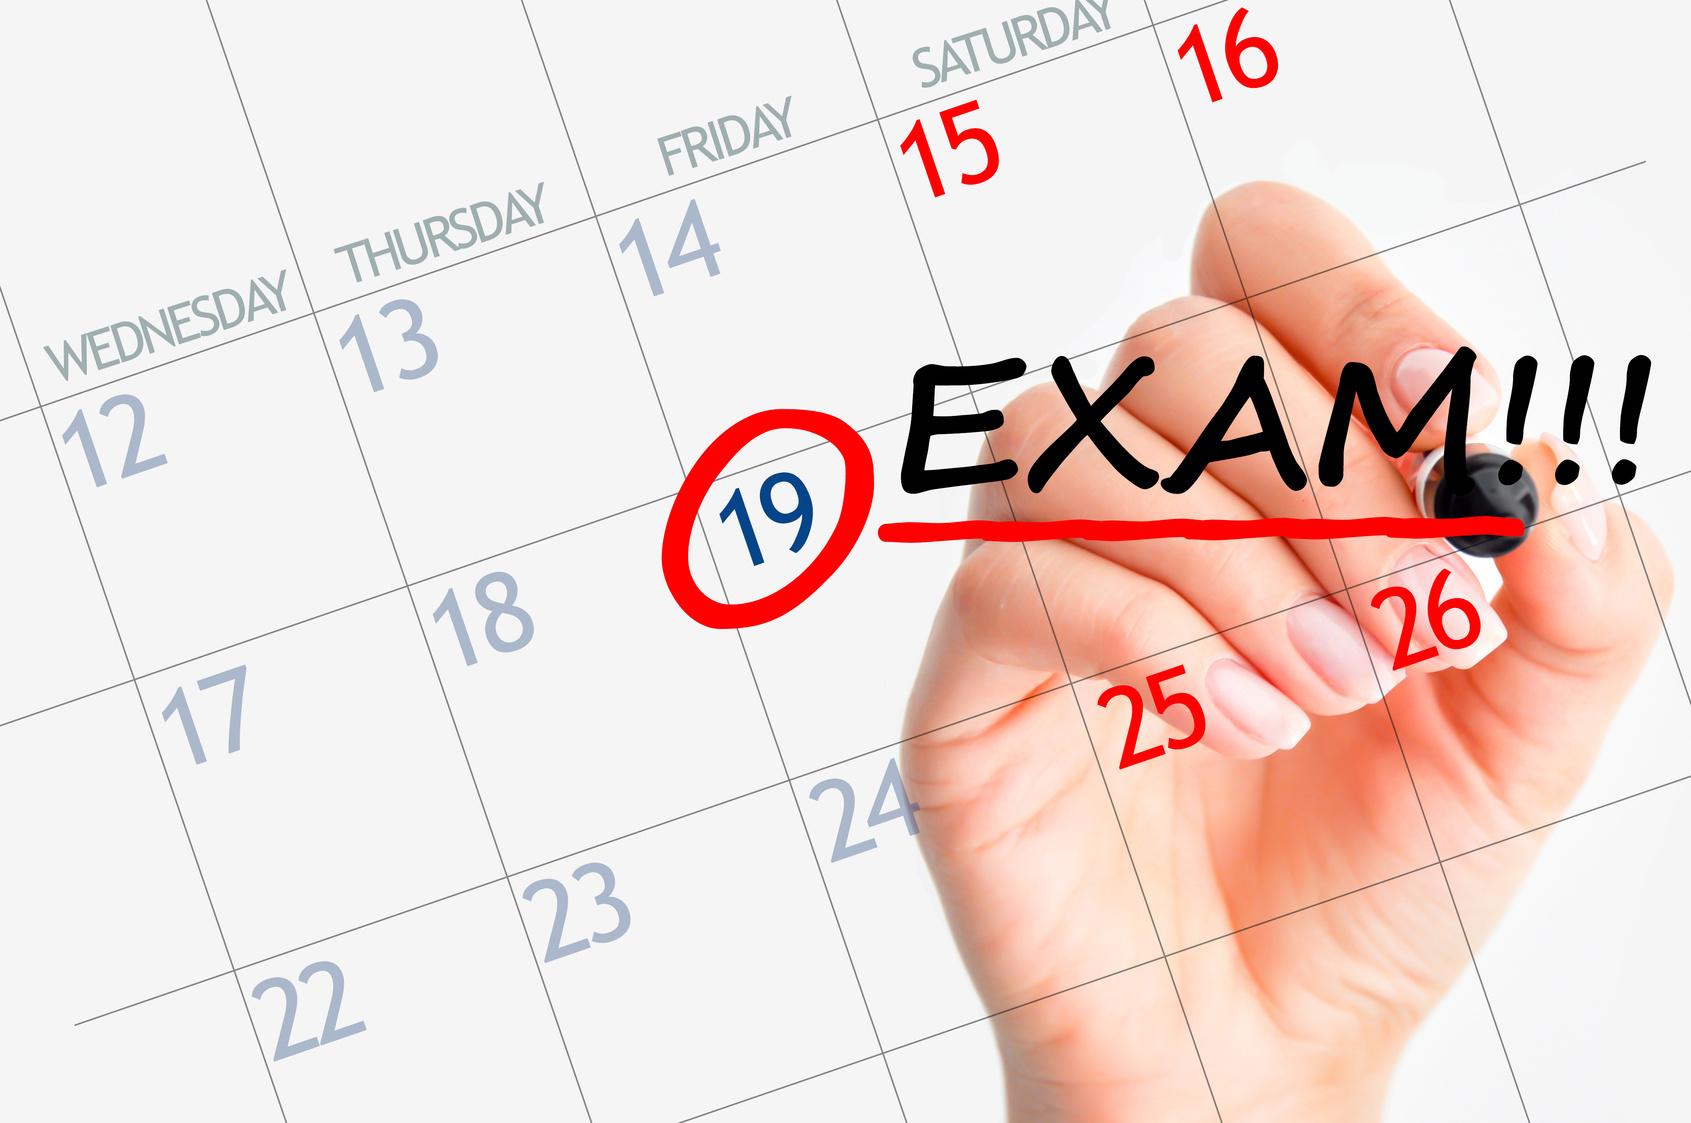 Come studiare più esami contemporaneamente  E  buono farlo o rischio di far  confusione  7778a075a476